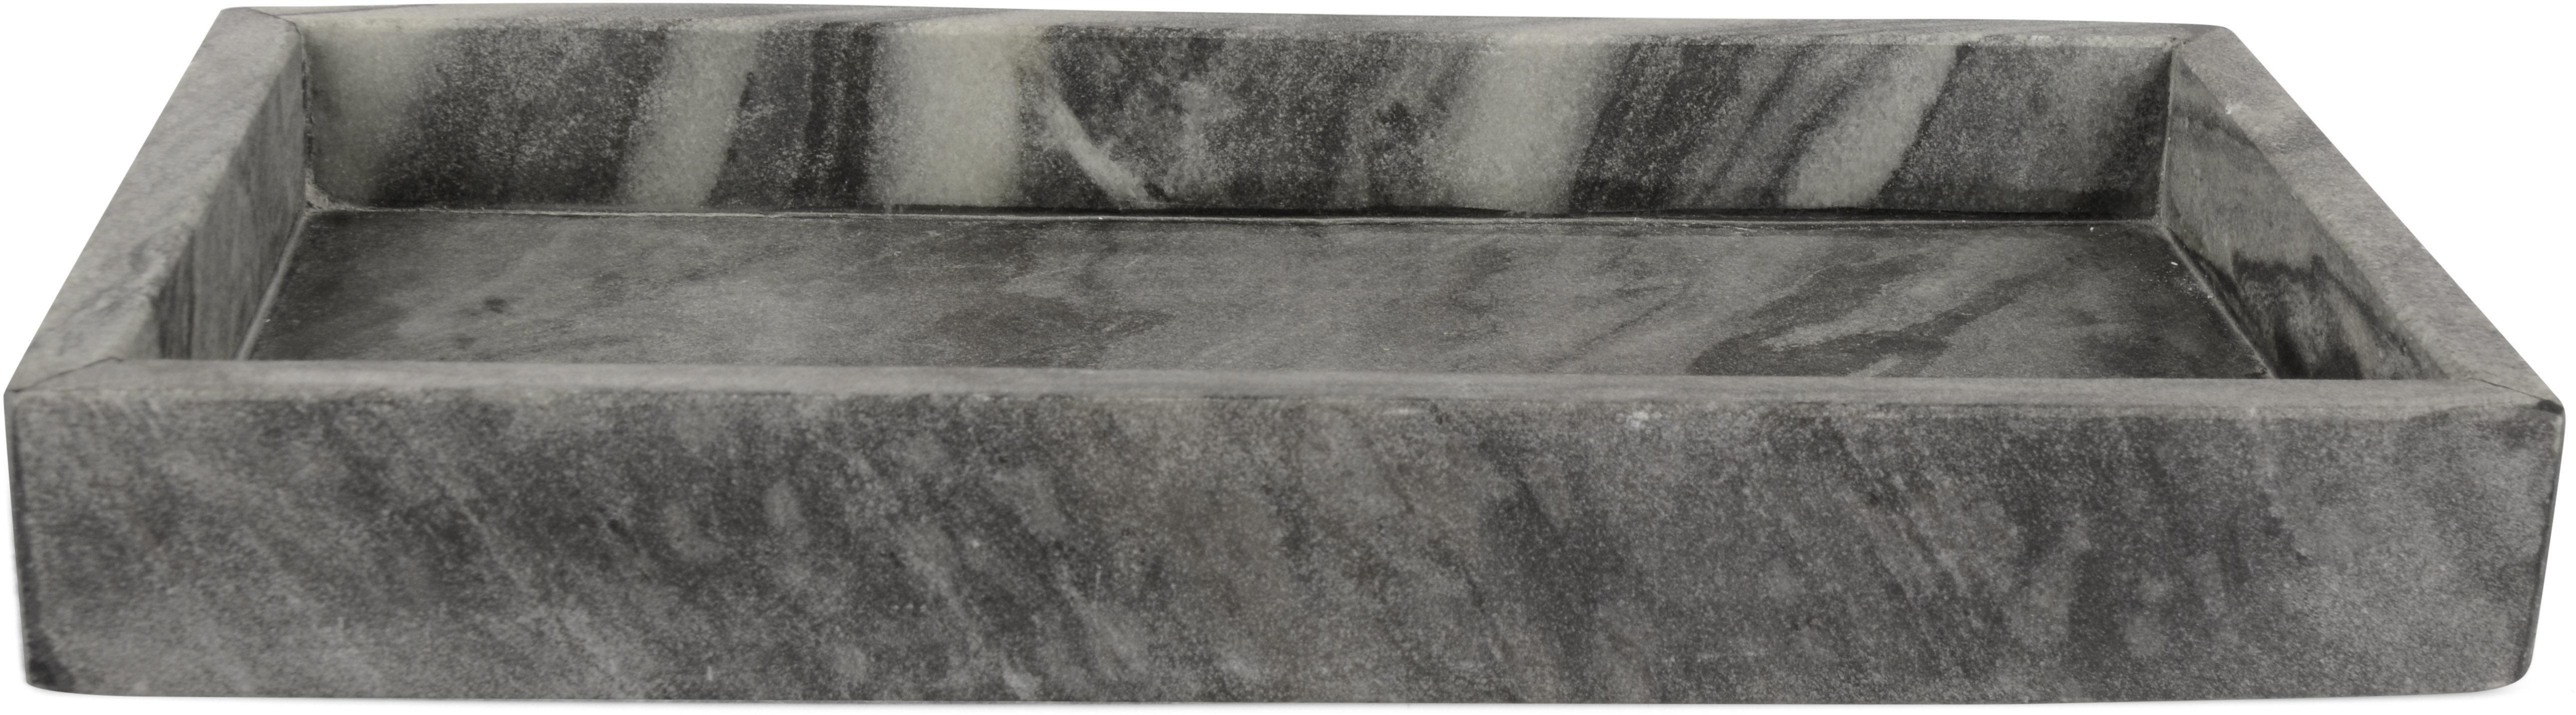 Taca dekoracyjna z marmuru Mera, Marmur, Szary, marmurowy, S 30 x G 15 cm